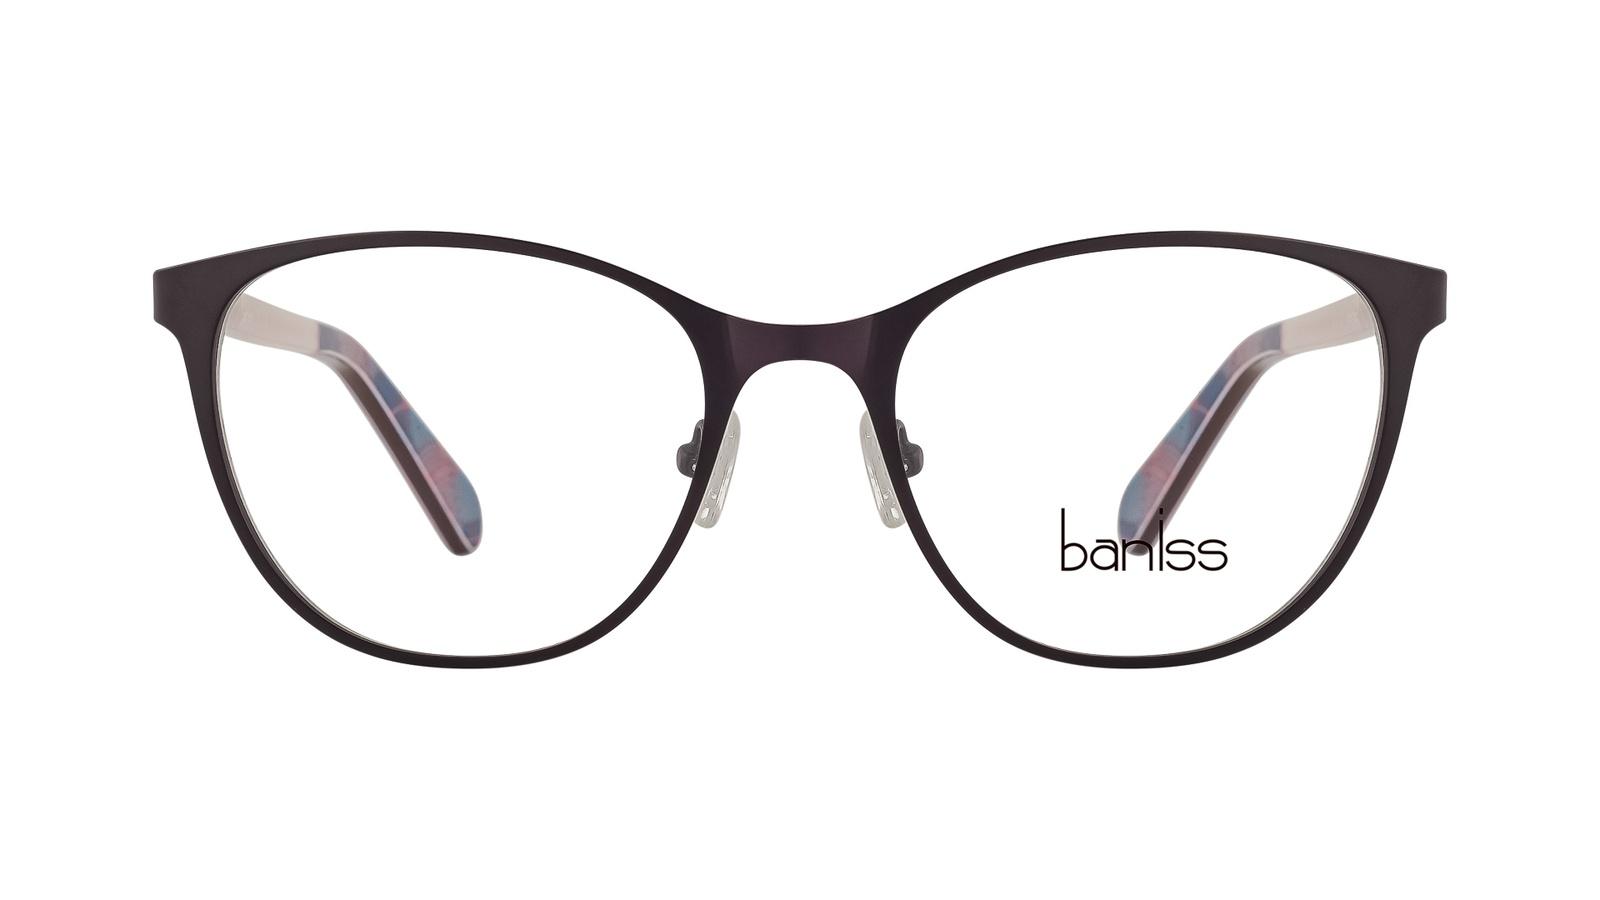 Оправа для очков, BANISS, металл, BR5017 C03